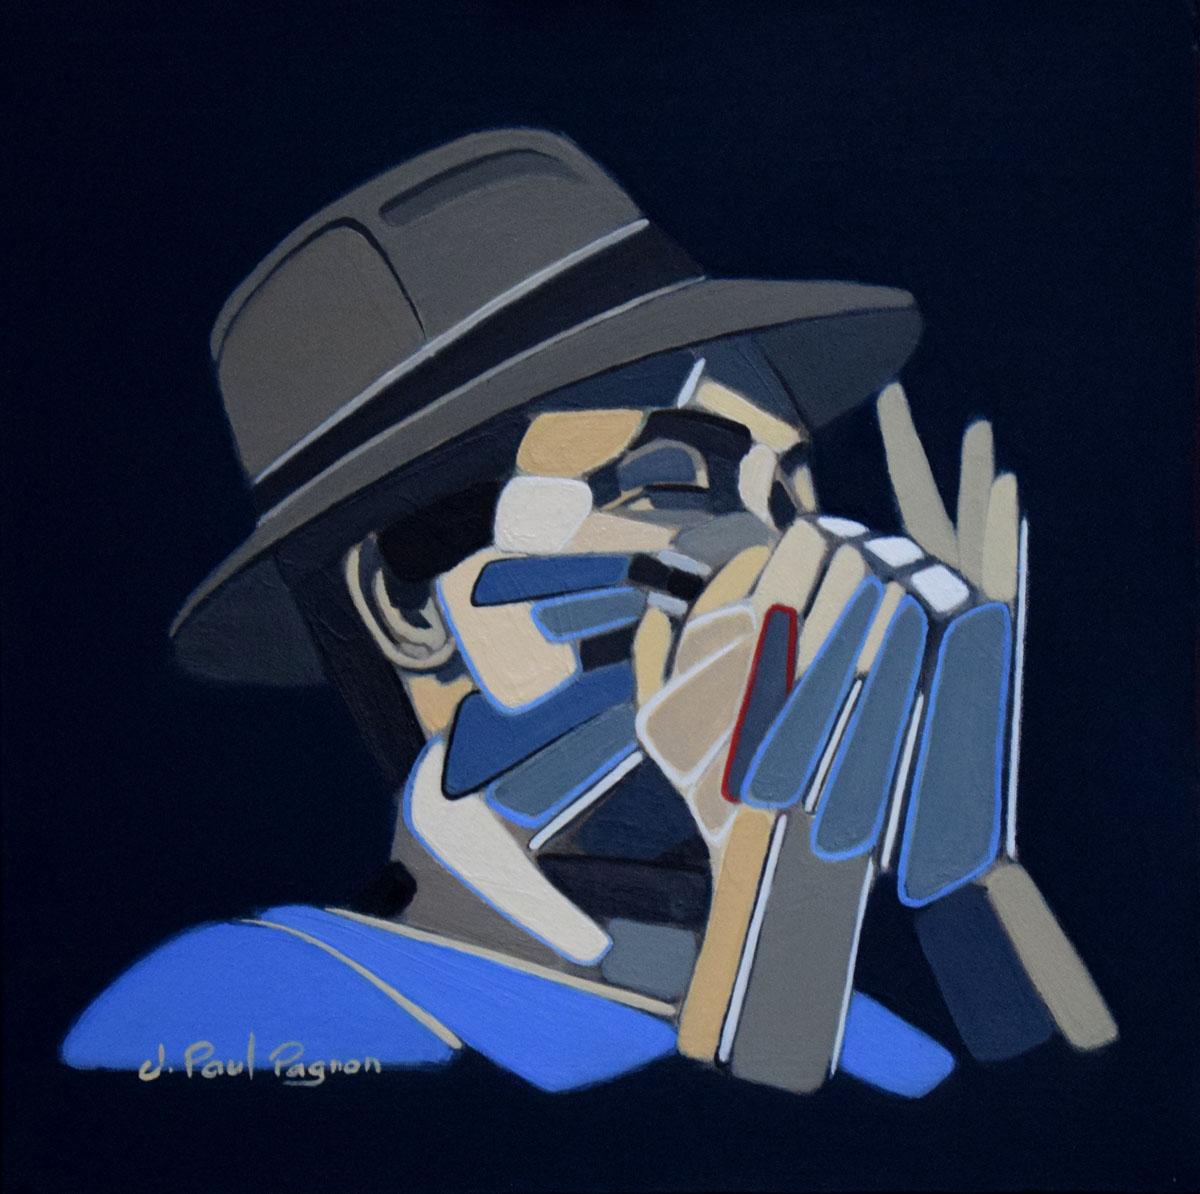 Blue Shuffle par Jean-Paul Pagnon